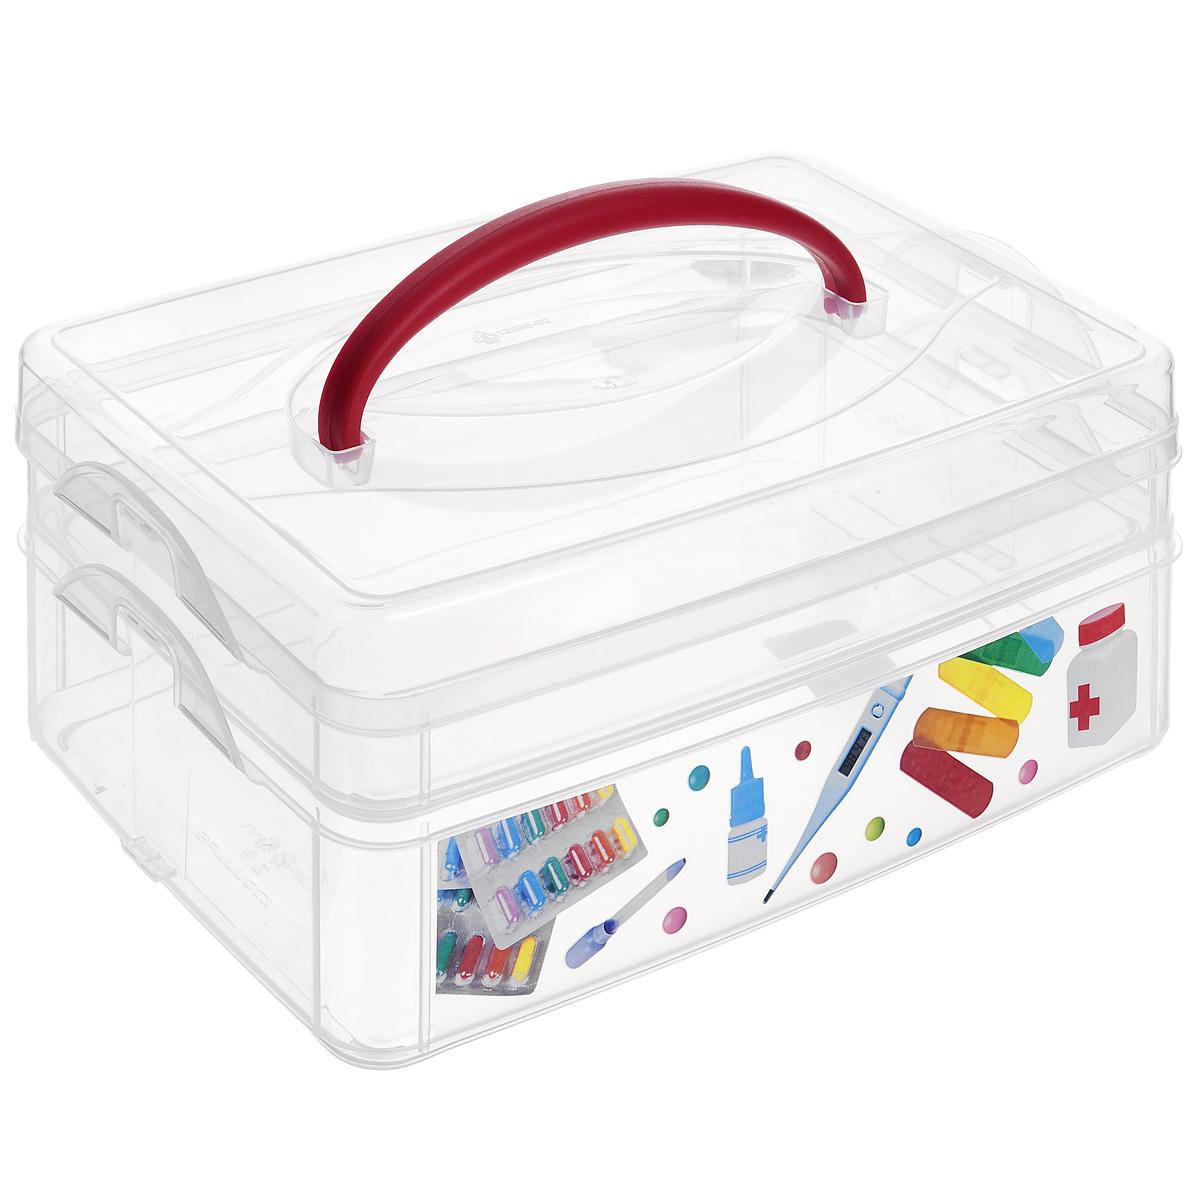 Контейнер для мелочей Econova Multi Box, с ручкой, 2 секции, 24,5 см х 16 см х 10,5 смС12333Контейнер для мелочей Econova Multi Box выполнен из высококачественного прозрачного пластика. Это отличное место для хранения материалов для рукоделия, различных аксессуаров. Изделие декорировано ярким рисунком. Контейнер легко открывается, оснащен двумя съемными отделениями и специальной пластиковой ручкой для переноски. Не требует особого ухода. Благодаря малым габаритам, контейнер занимает очень мало места. Контейнер Econova Multi Box - идеальное решение для аккуратного хранения вещей. Размер маленького отделения: 23,5 см х 15,5 см х 4,5 см. Размер большого отделения: 23,5 см х 15,5 см х 6 см.